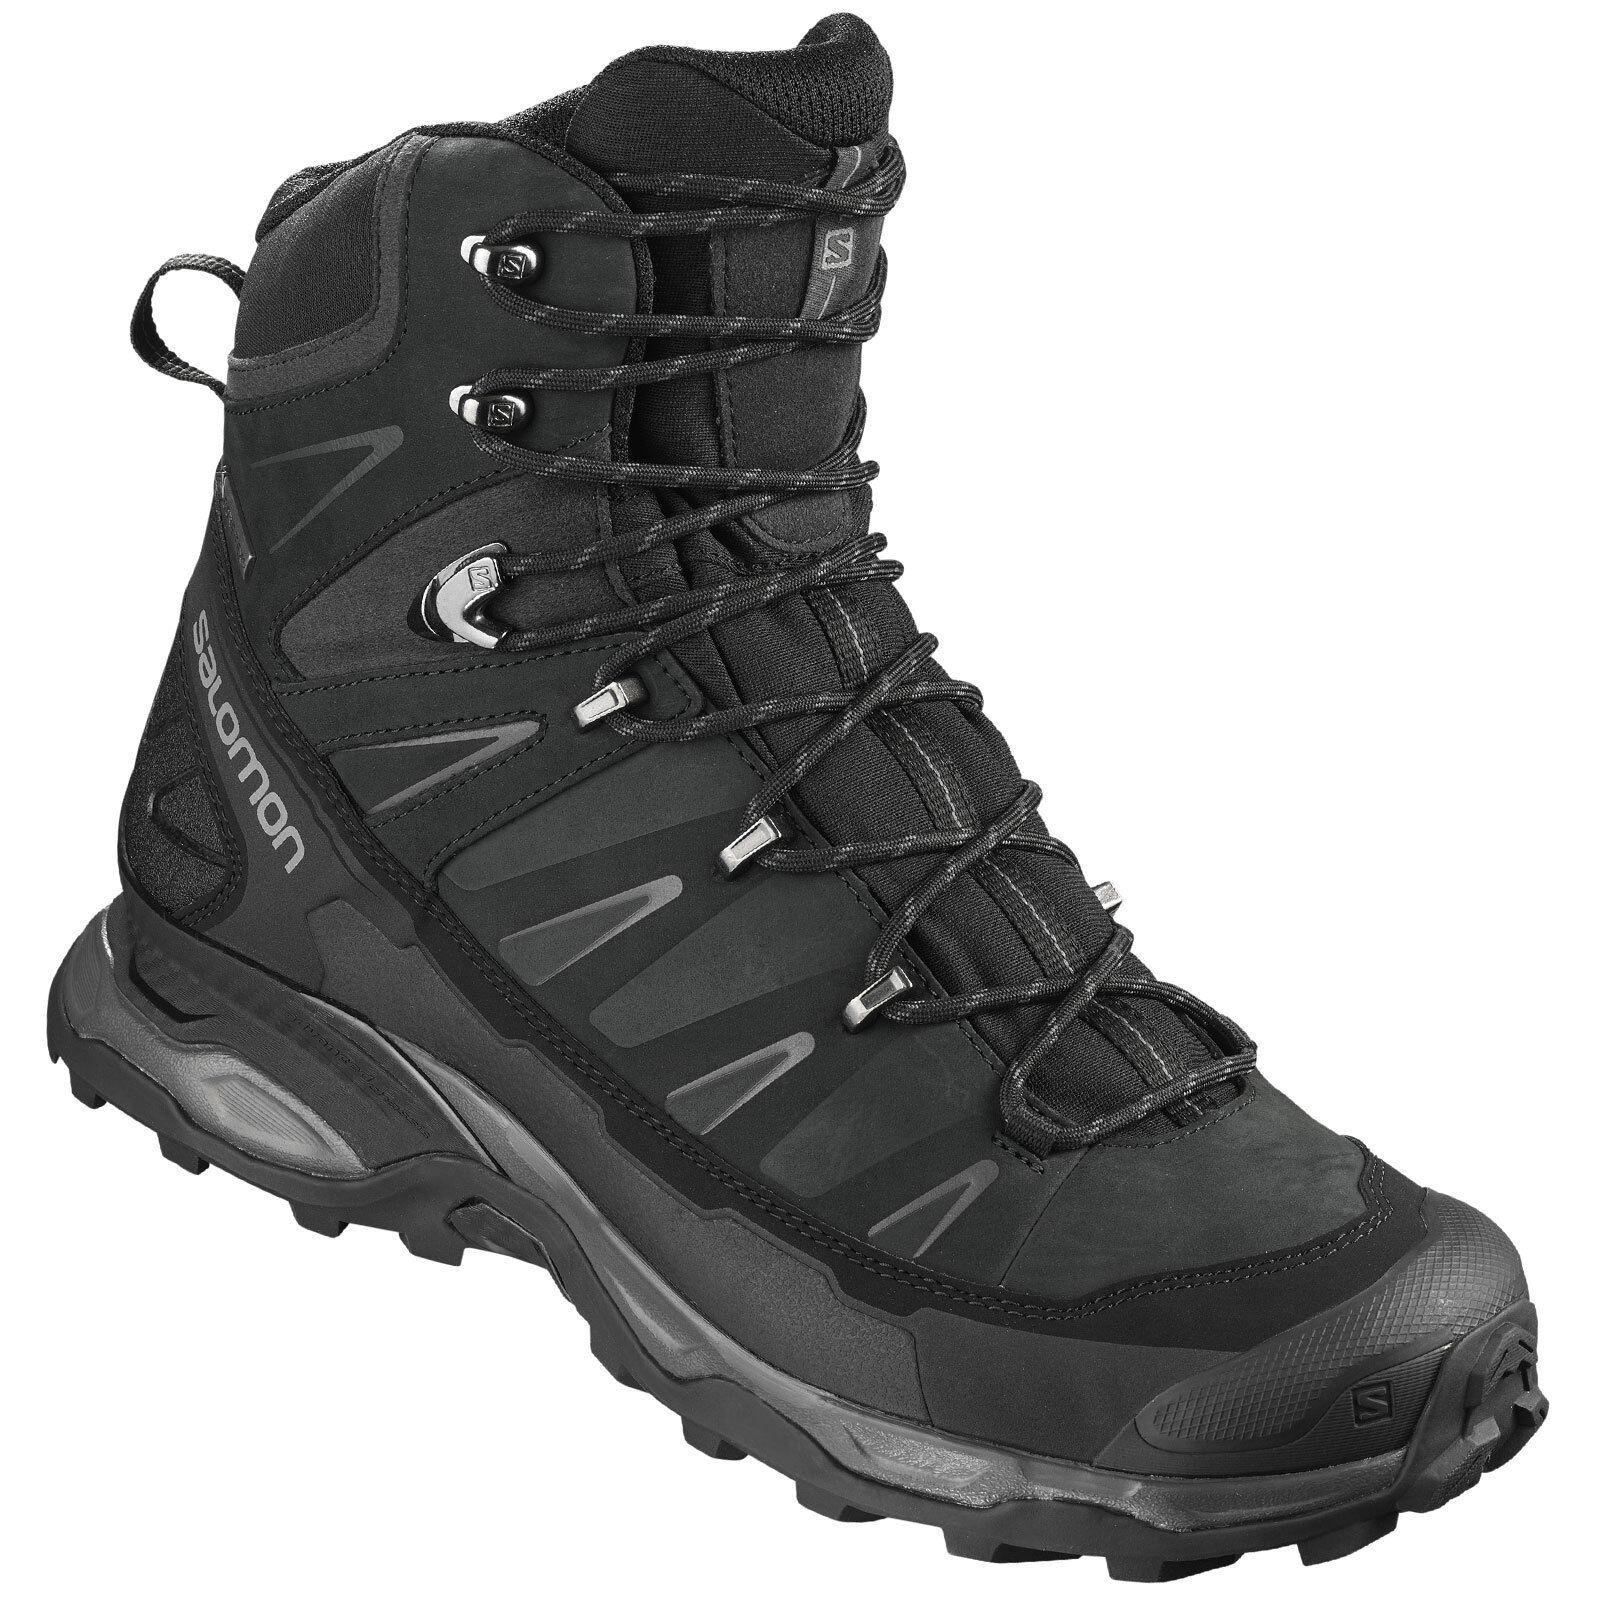 Salomon X Ultra Trek GTX GoreTex wasserdicht Herren-Wanderschuhe Stiefel Trekking Trekking Trekking  | Räumungsverkauf  eaed45